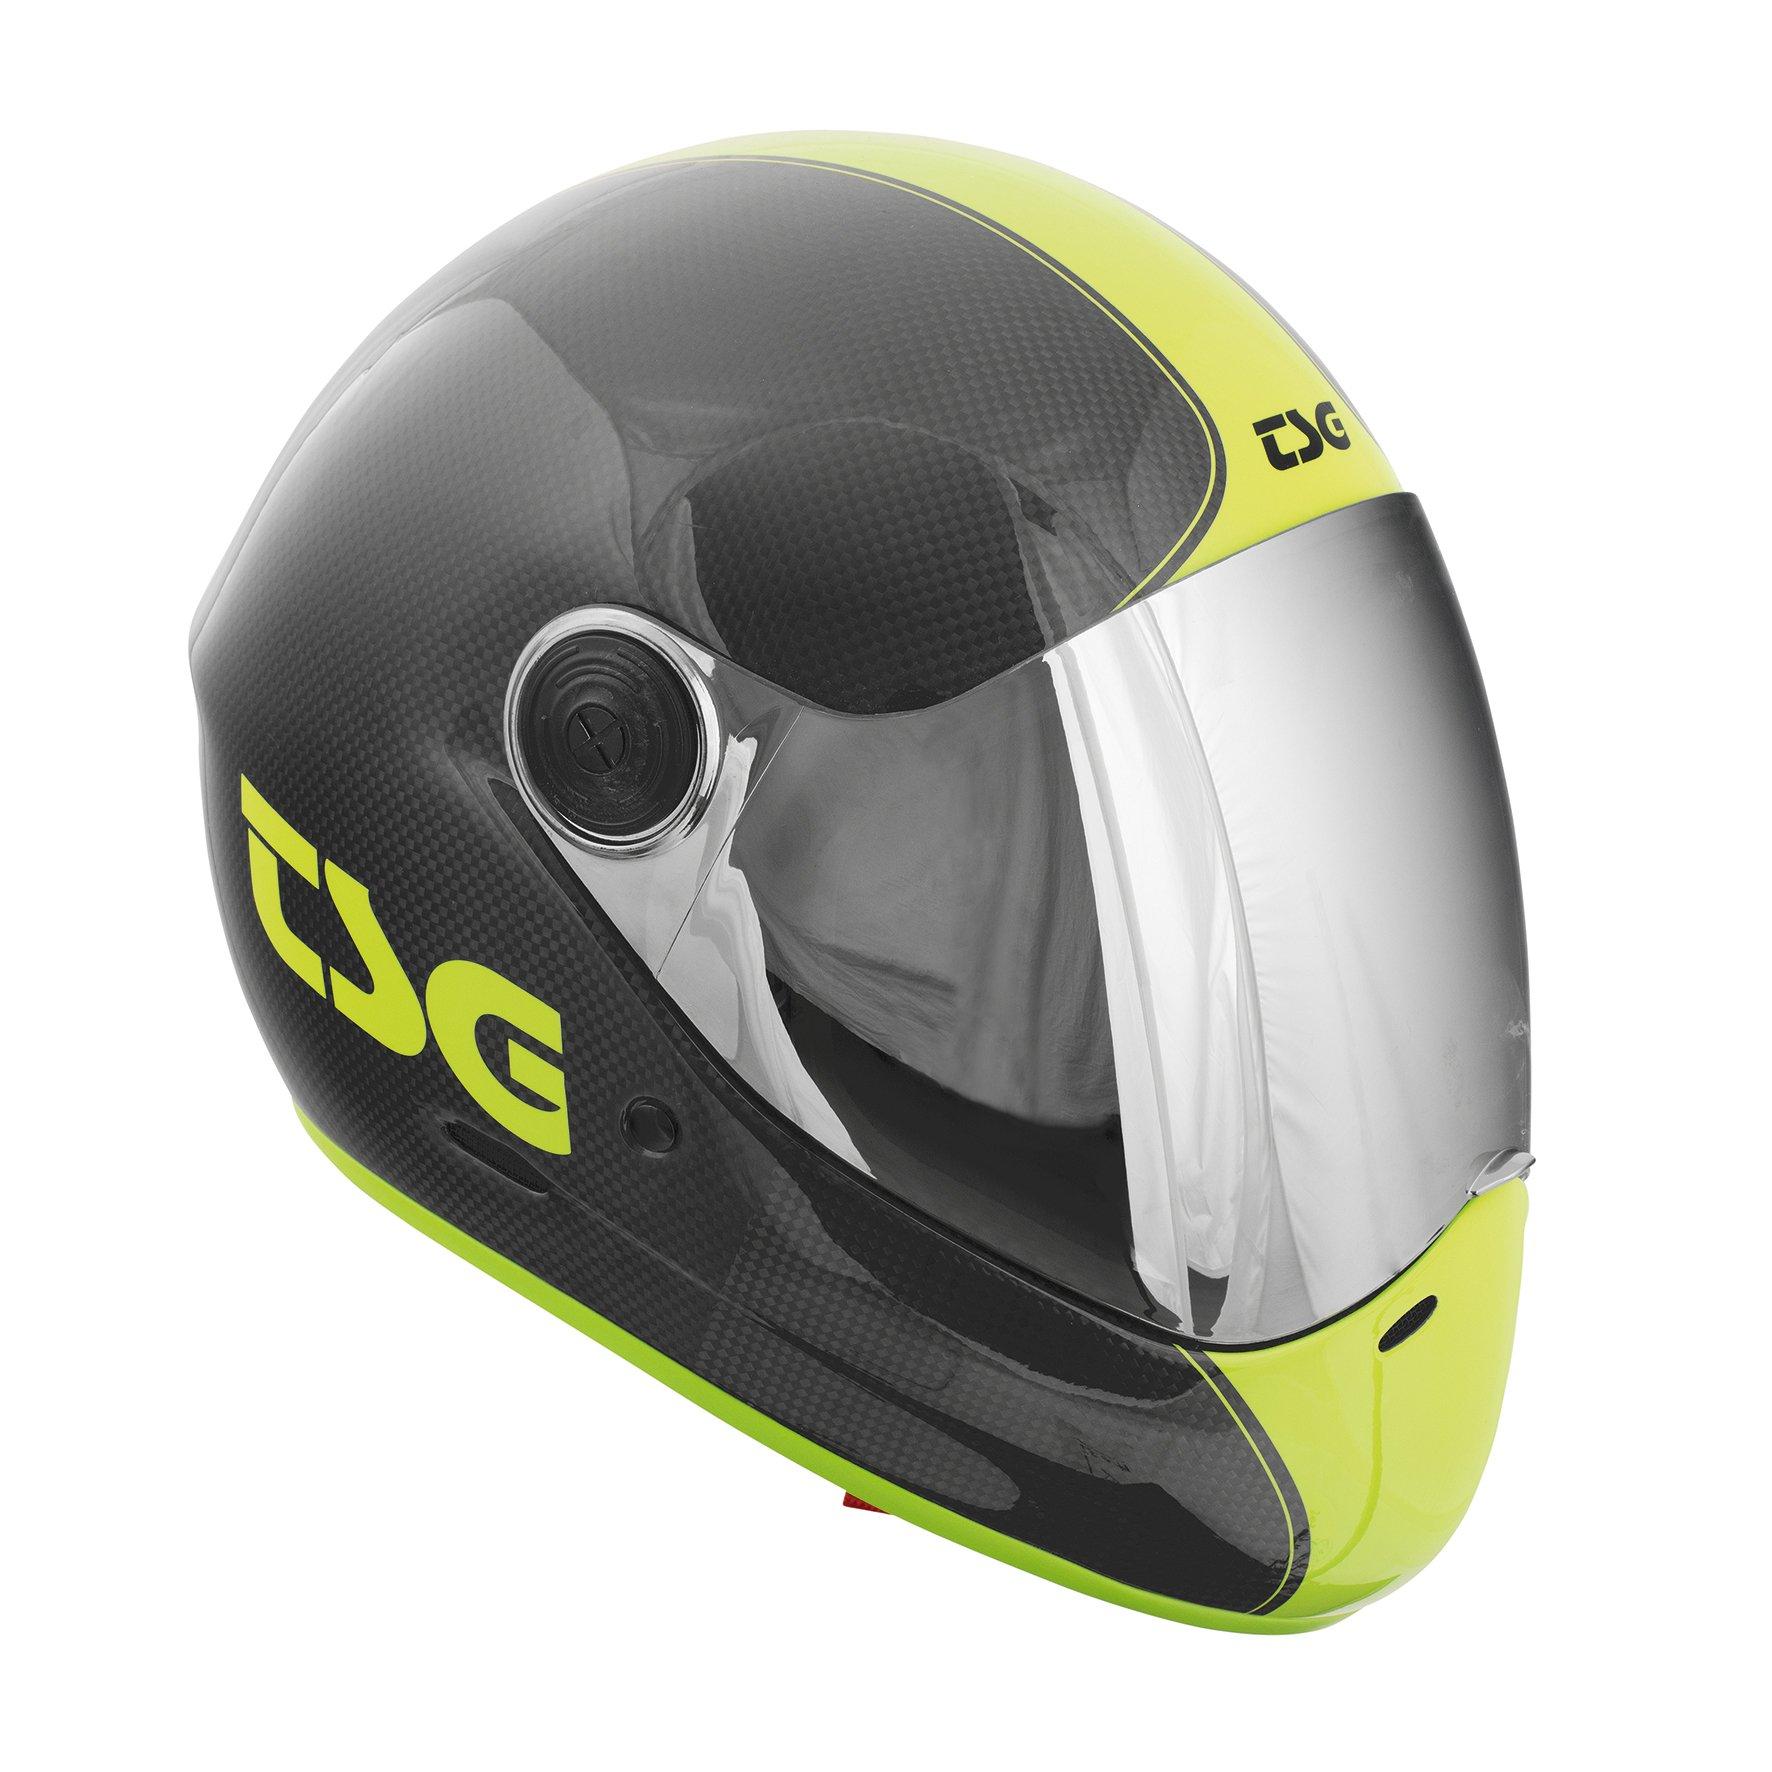 TSG Pass Pro Carbon Graphic Design (+ Bonus Visor) - Helmet for Skate (shoot, S 54-56 cm) by TSG